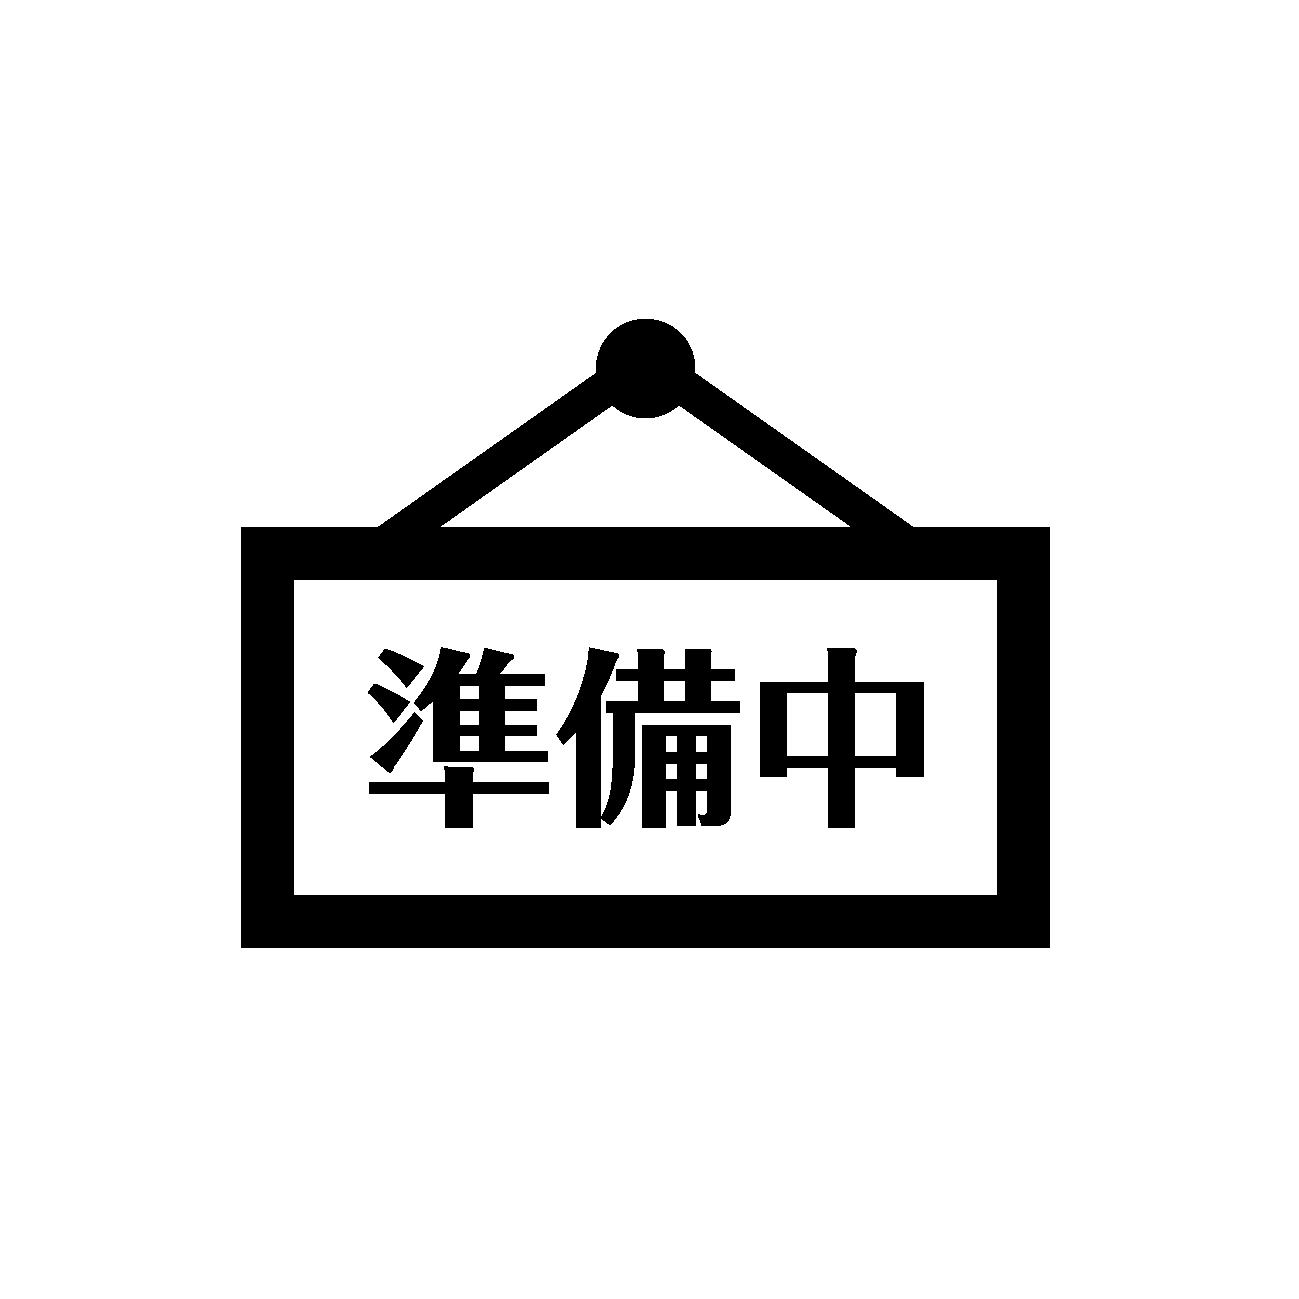 中島ハッカ公式オンラインショップ準備中